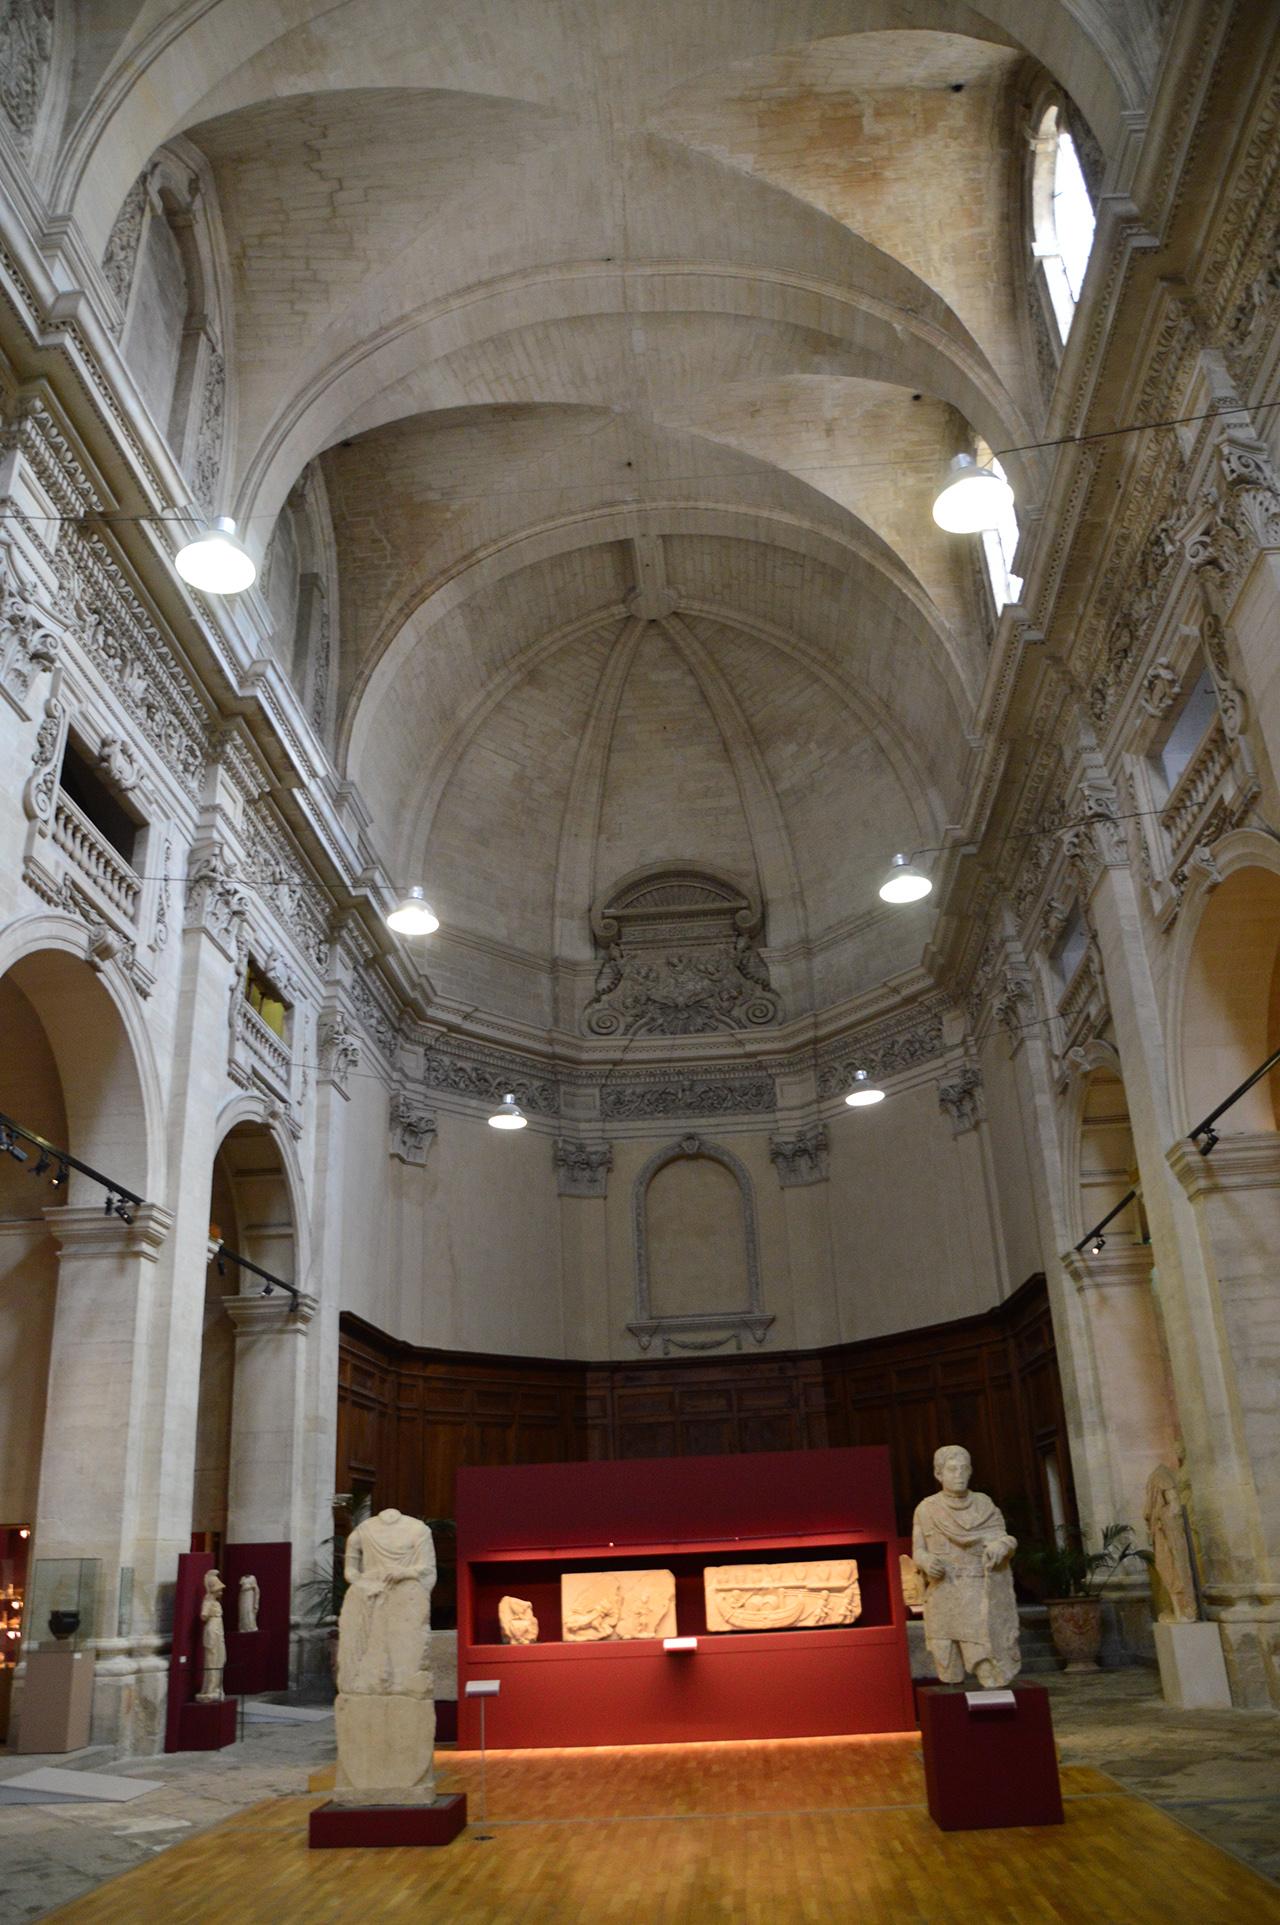 라피데르 박물관 내부. 예배당을 개조한 이 박물관은 파사드와 높은 천장이 그대로 남아 있다.